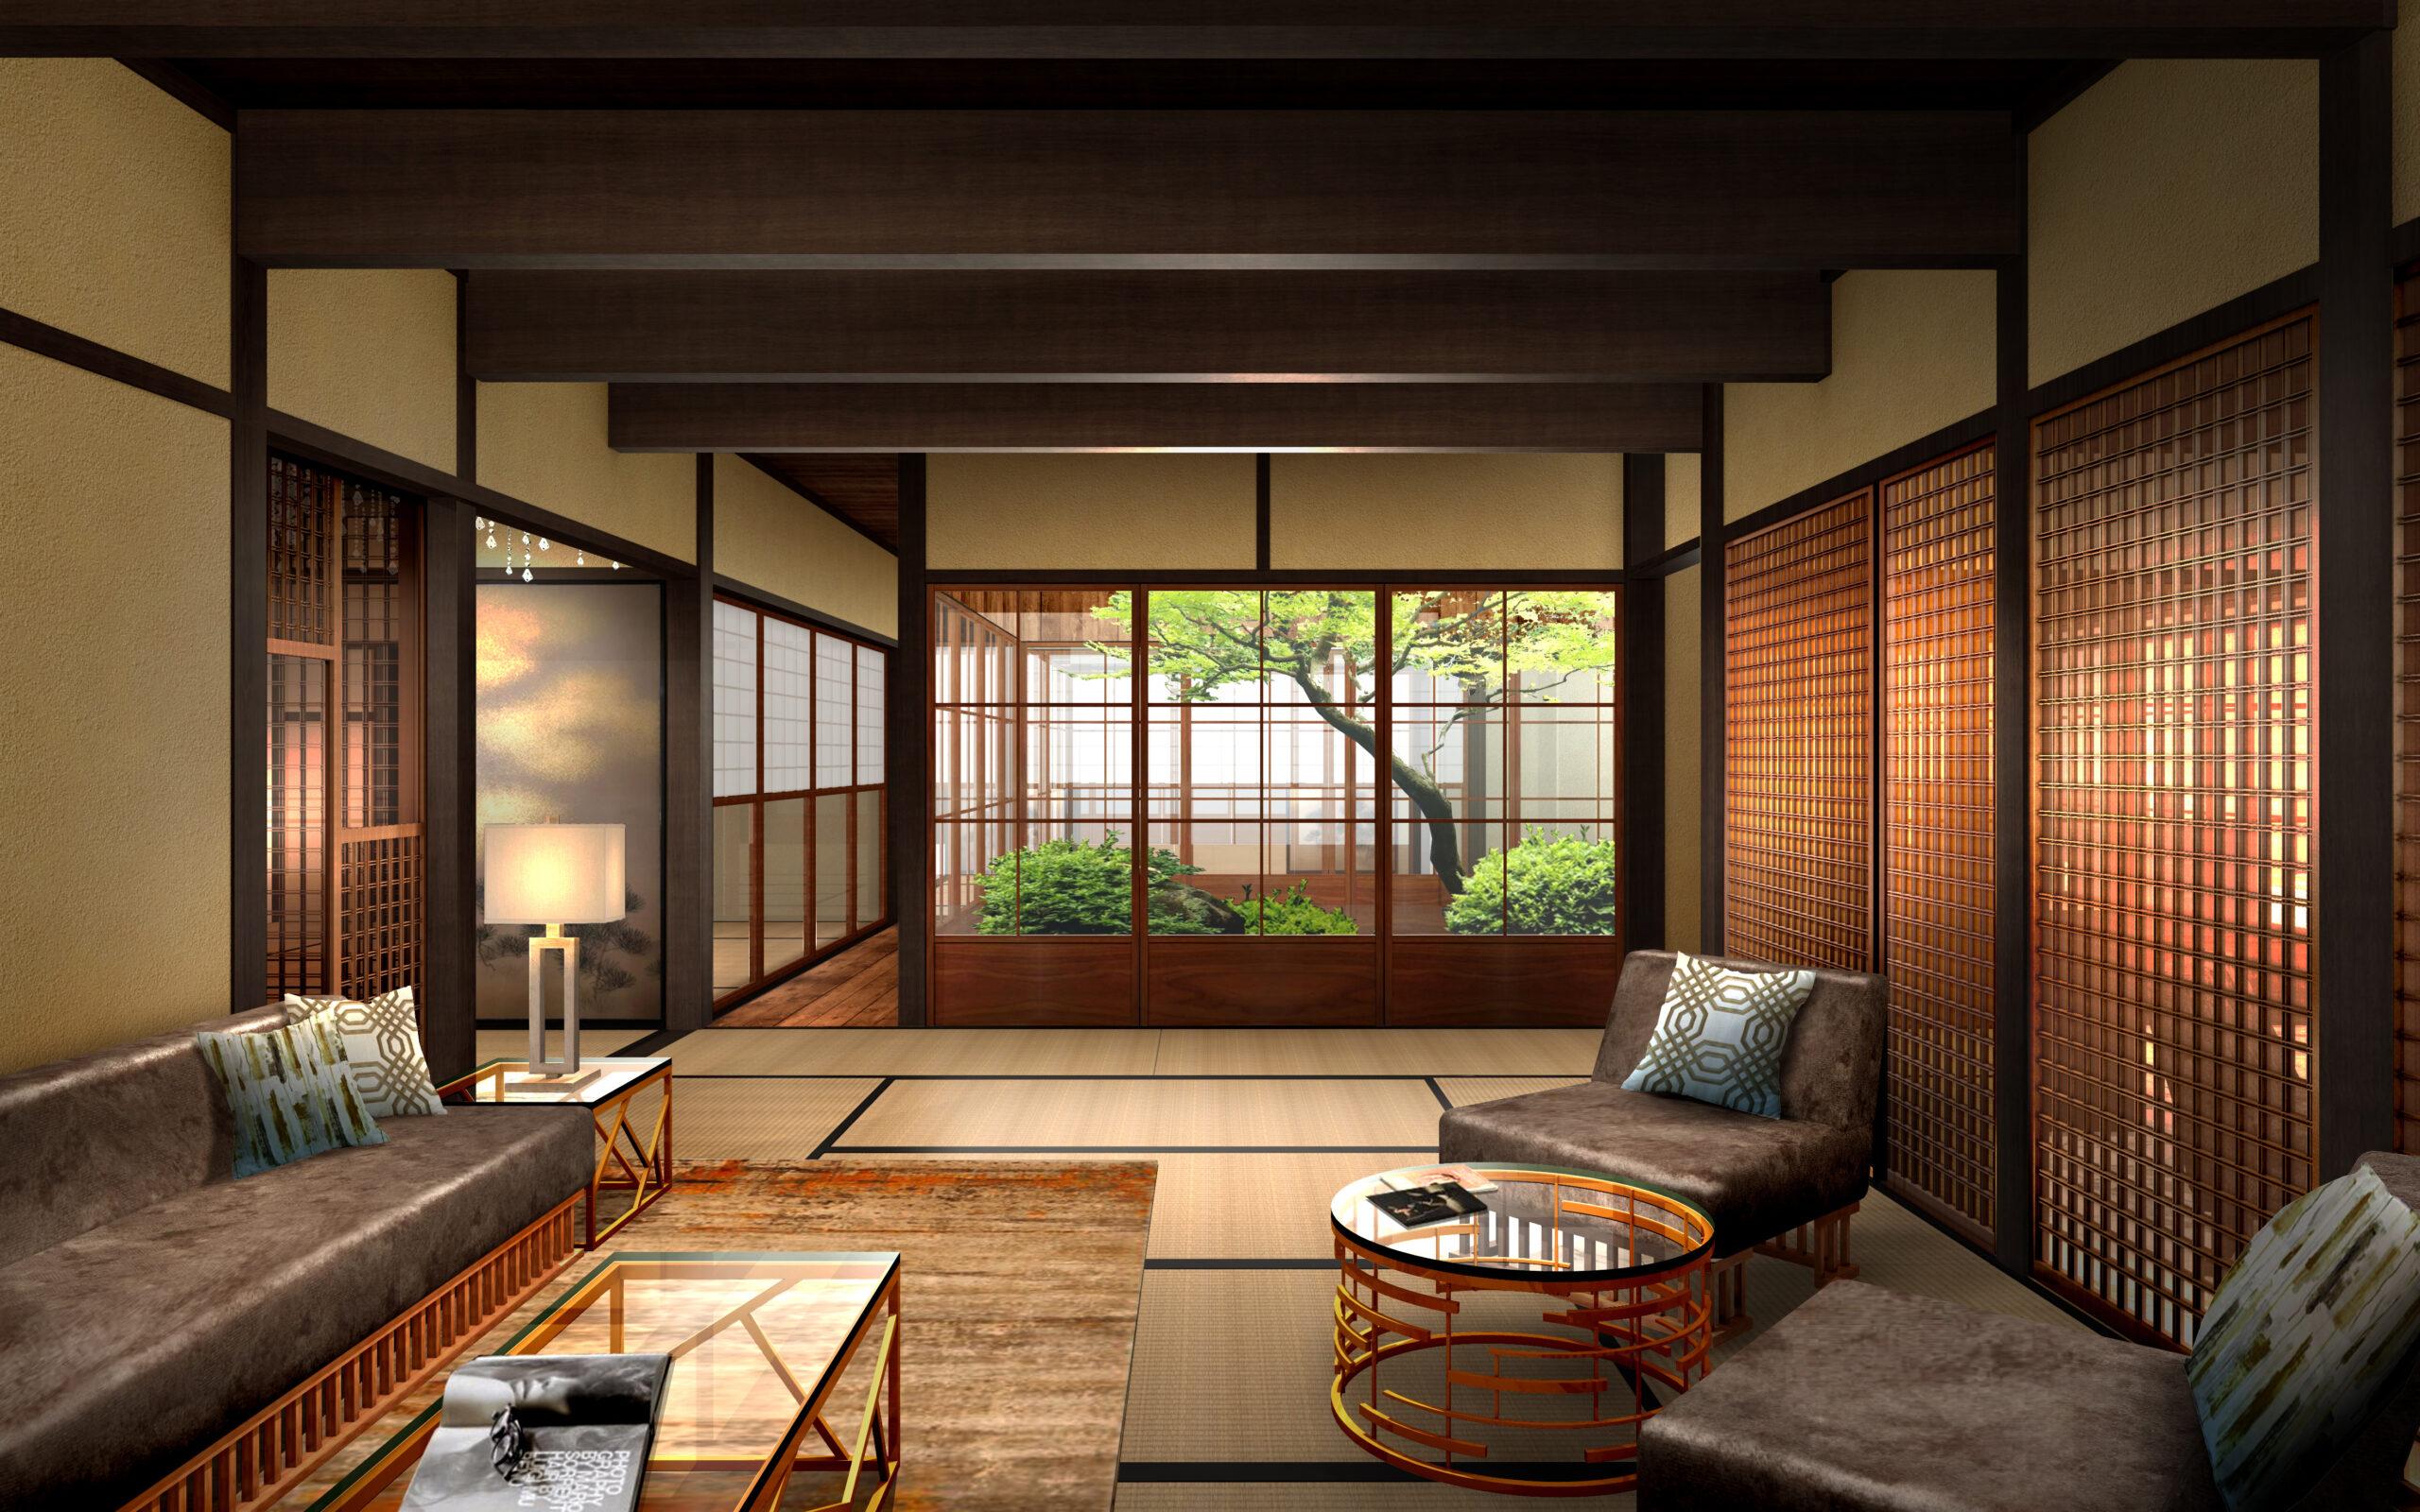 伝統ある京都の町家を改修 「カンデオホテルズ京都烏丸六角(仮称)」 6月開業